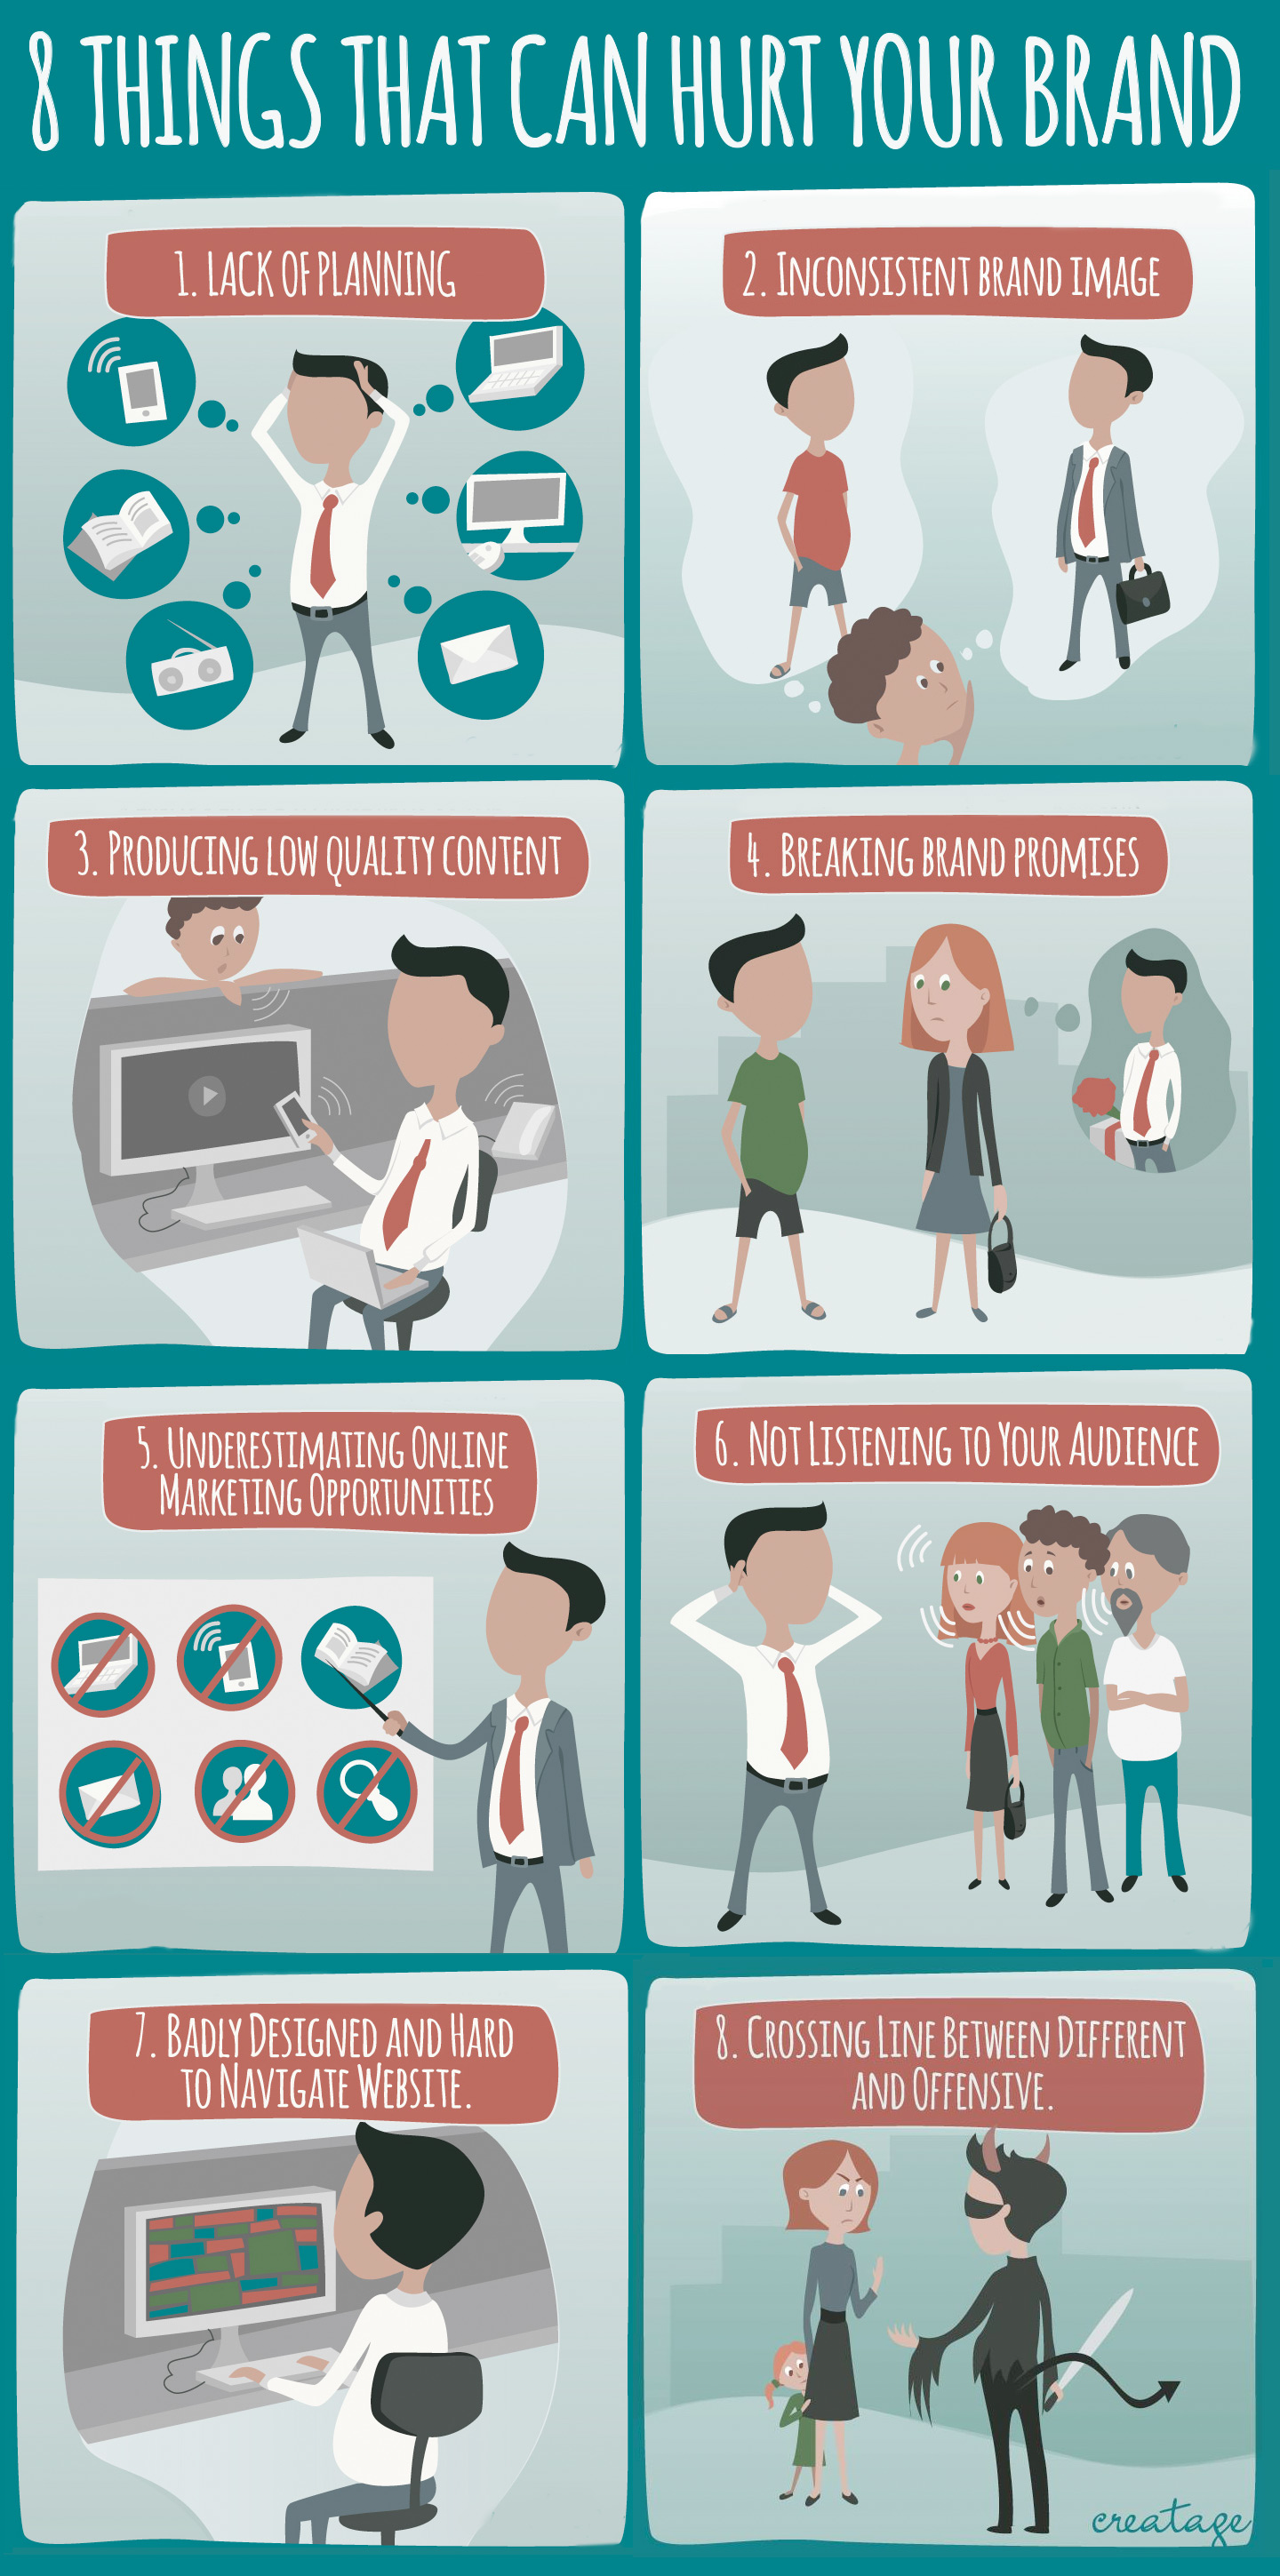 8-cosas-que-pueden-dañar-tu-marca